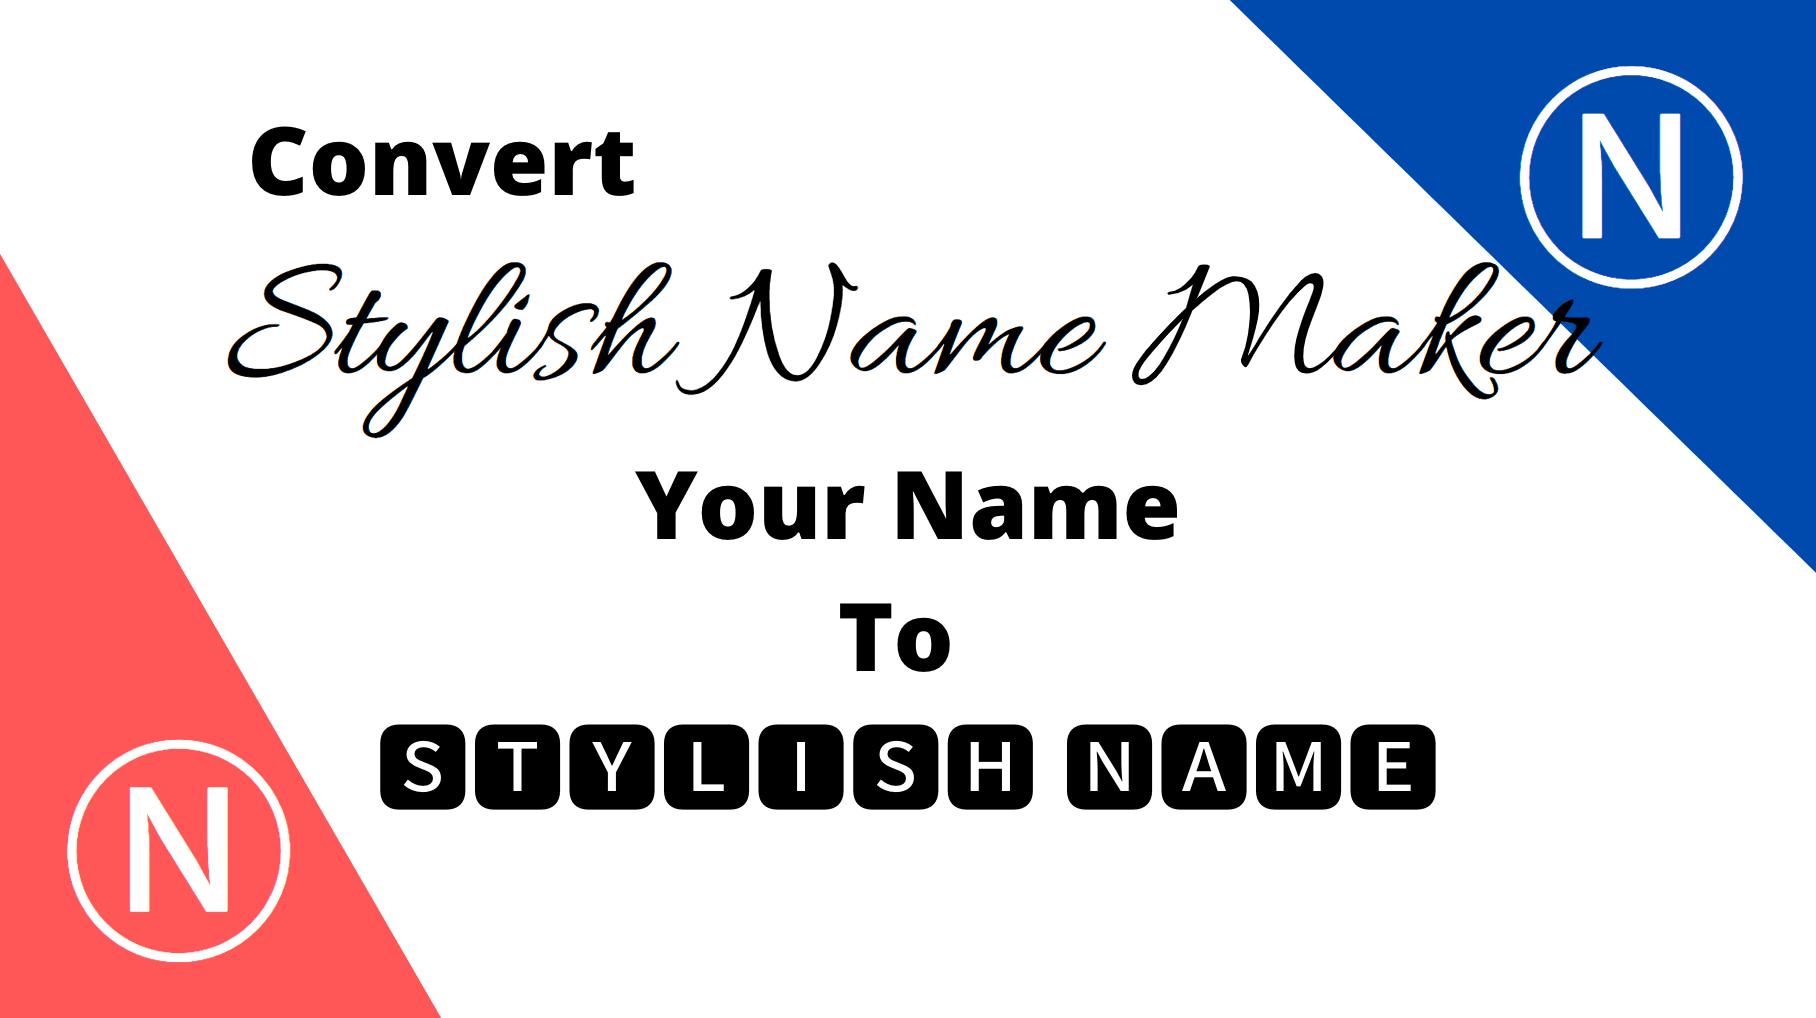 Stylish Name